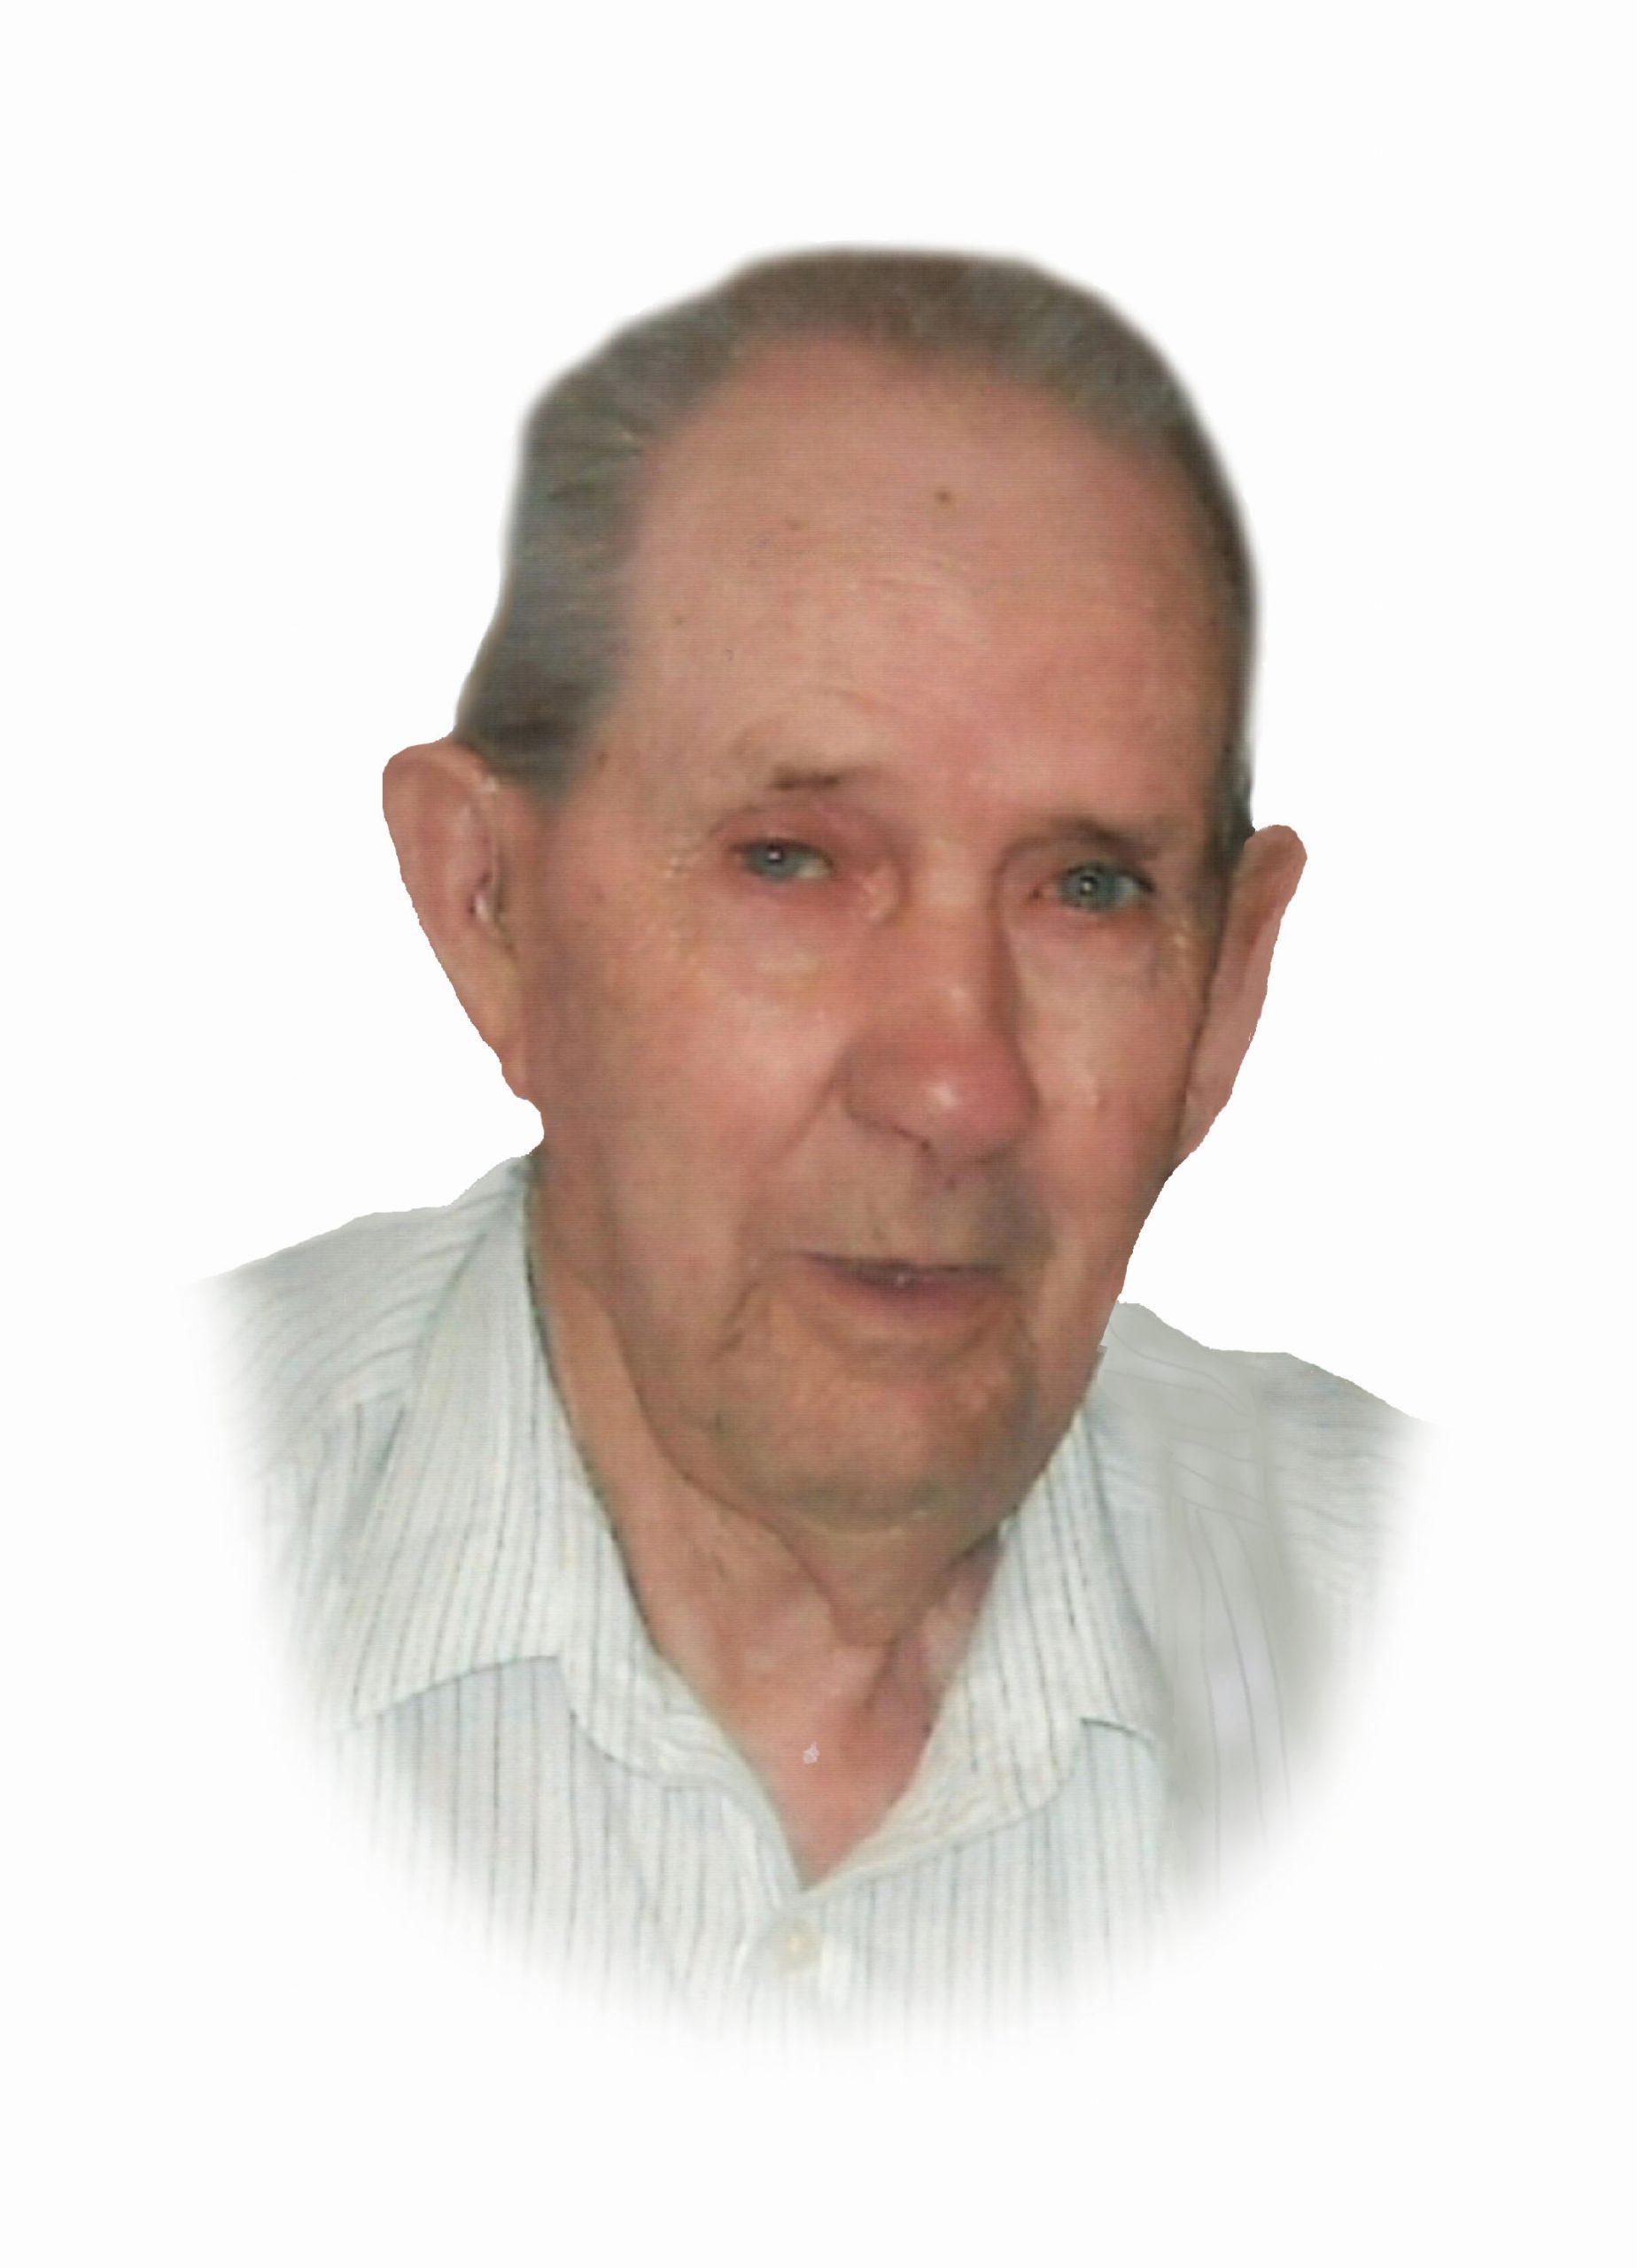 Avis de décès - Résidence funéraire Bernard Longpré inc. BOUCHER, JEAN